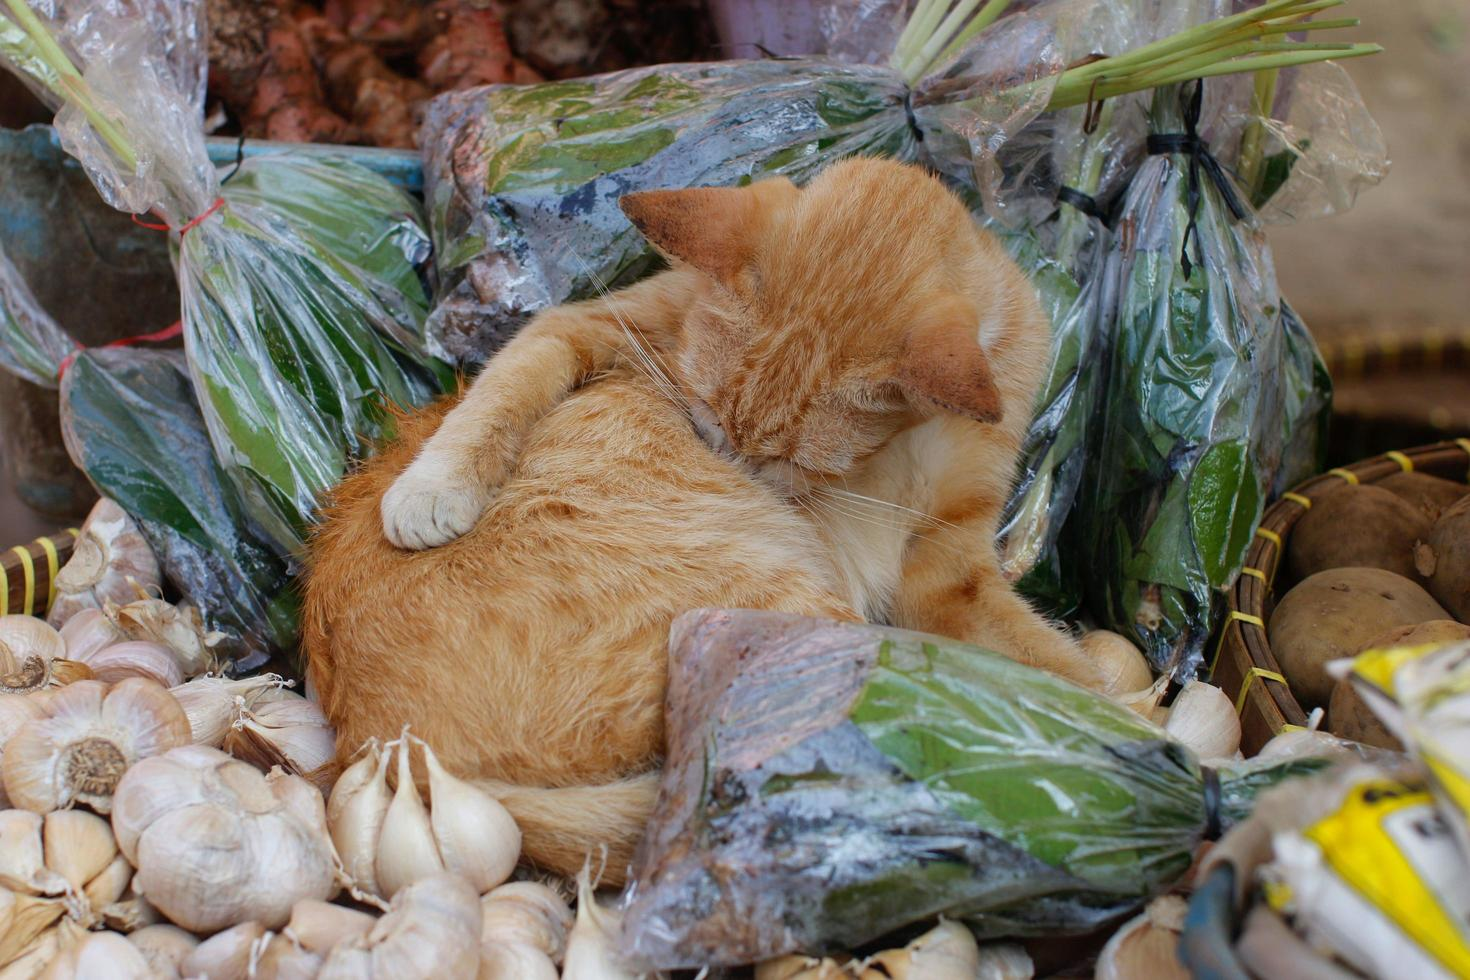 chat errant portant dans une échoppe de marché local photo